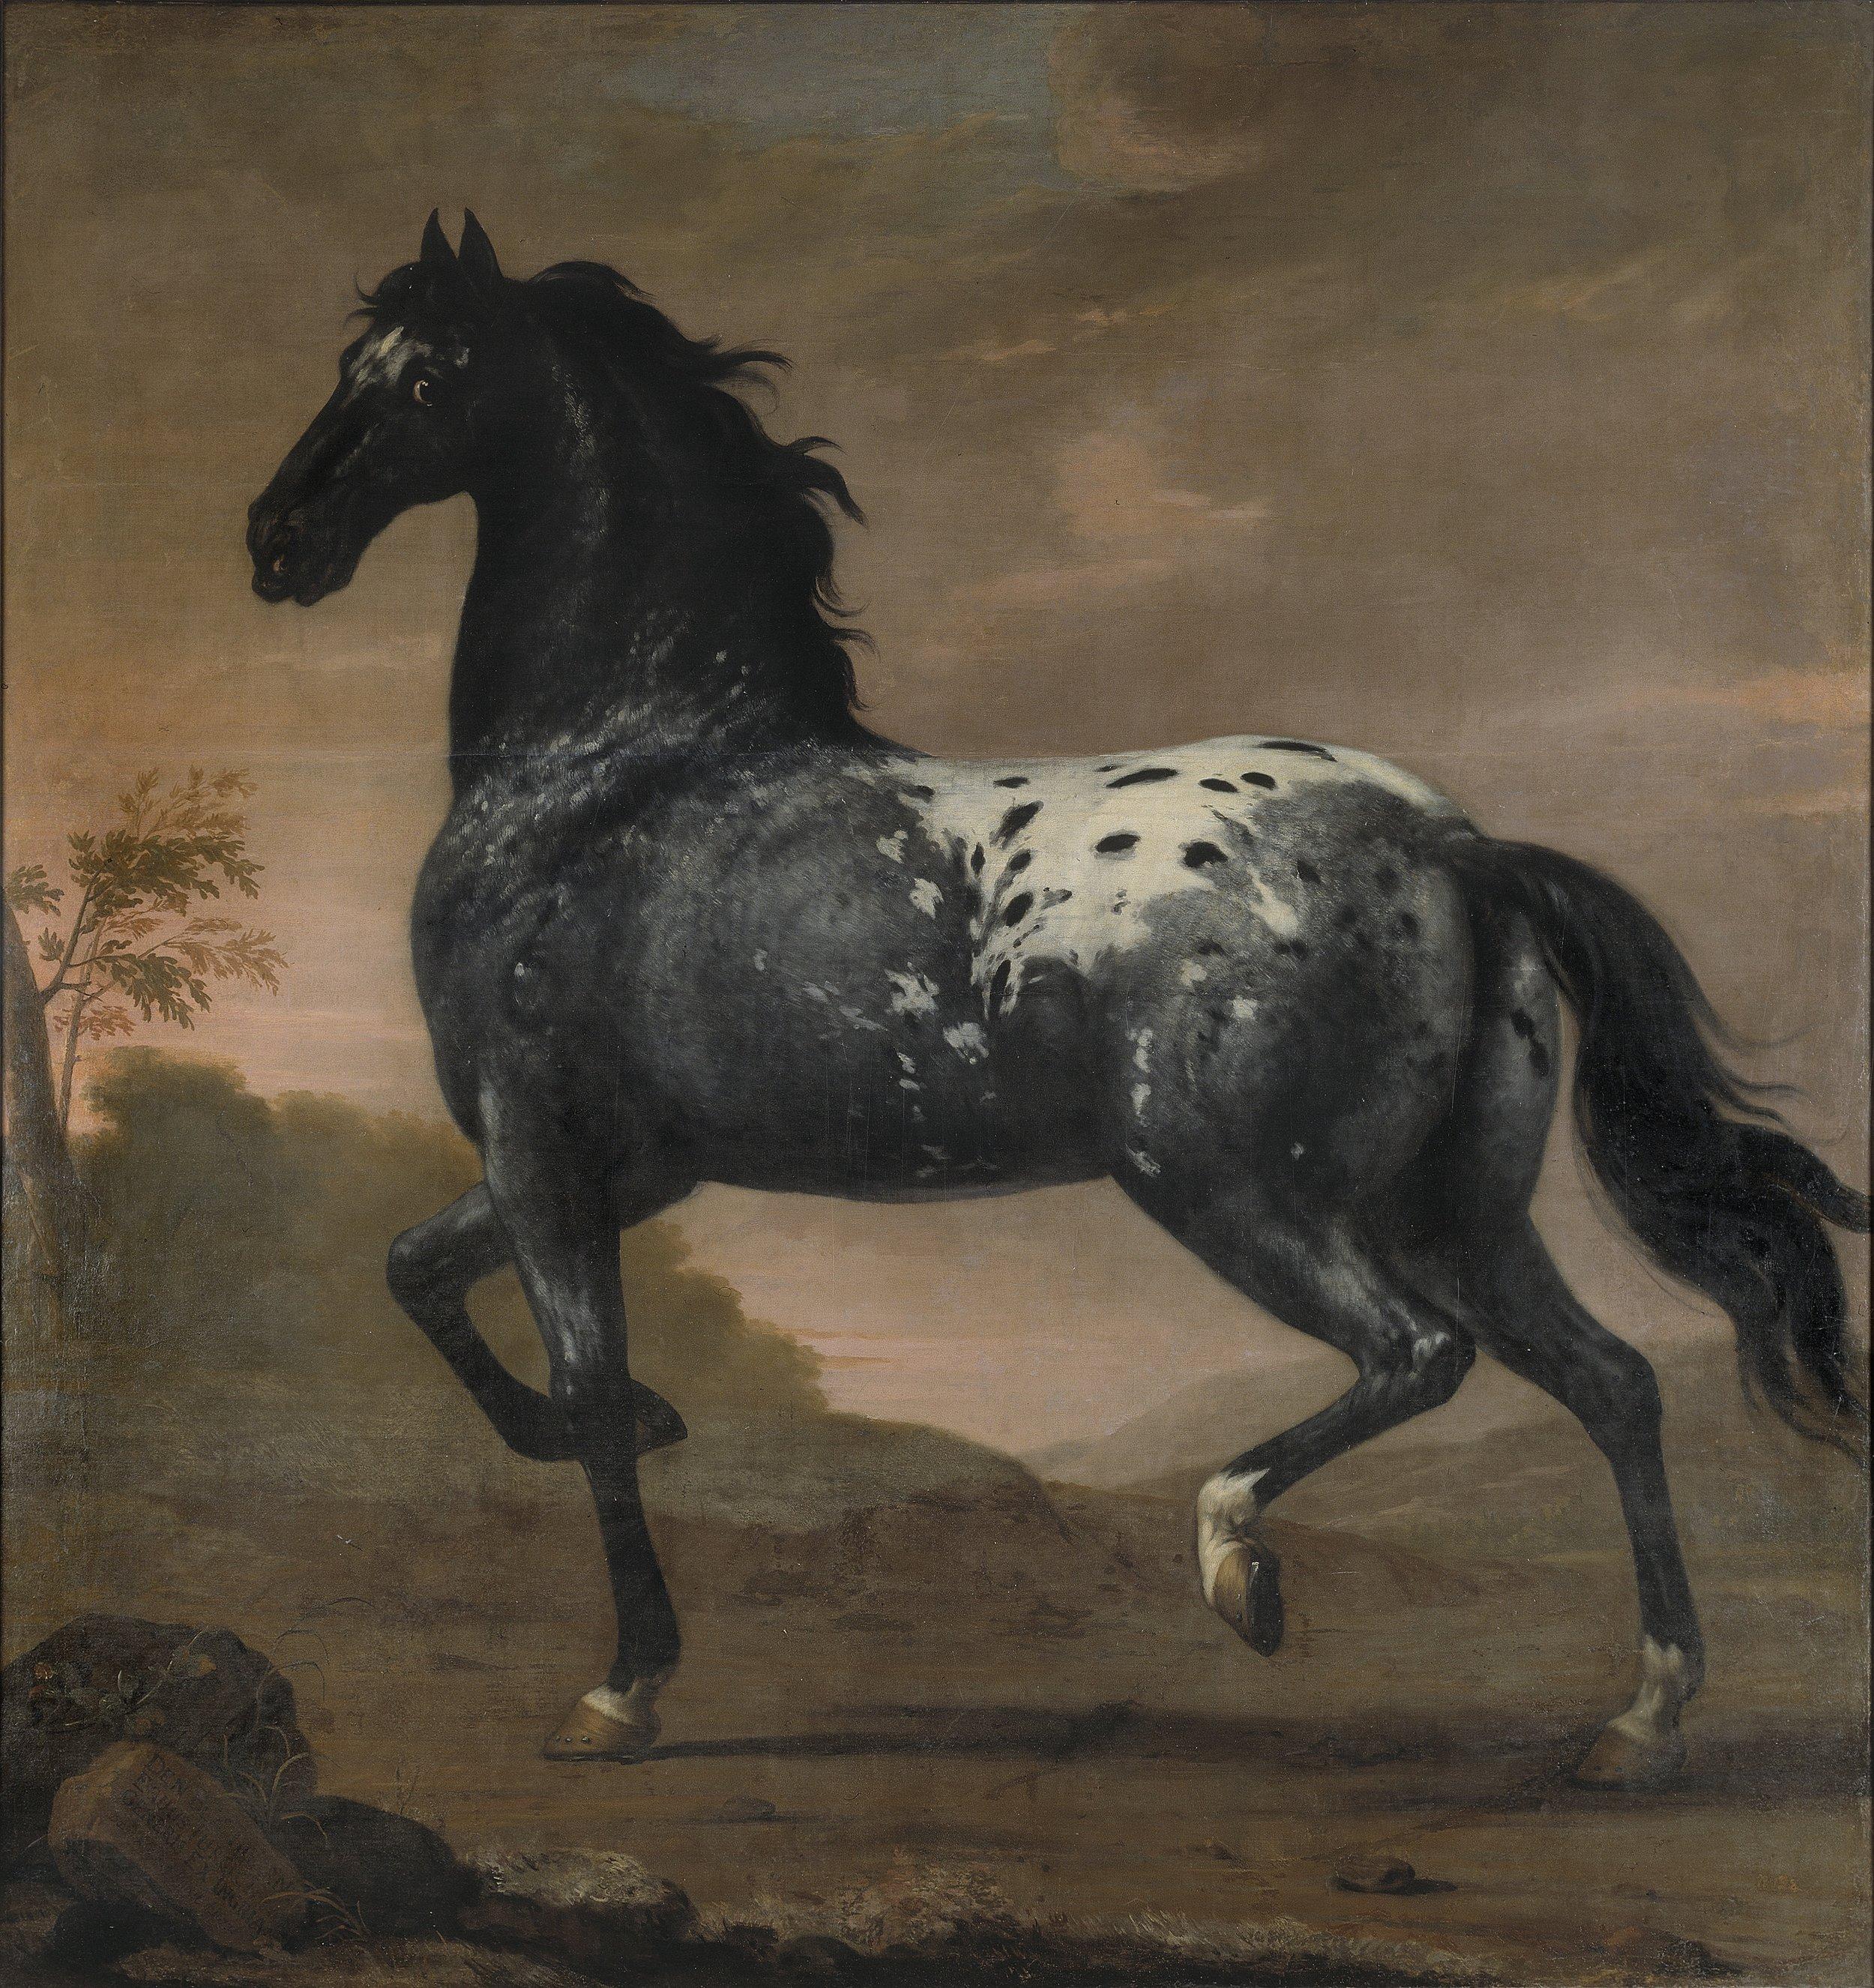 David Klöcker Ehrenstrahl, Karl XIs livhäst Blå Tigern, 1673, Nationalmuseum